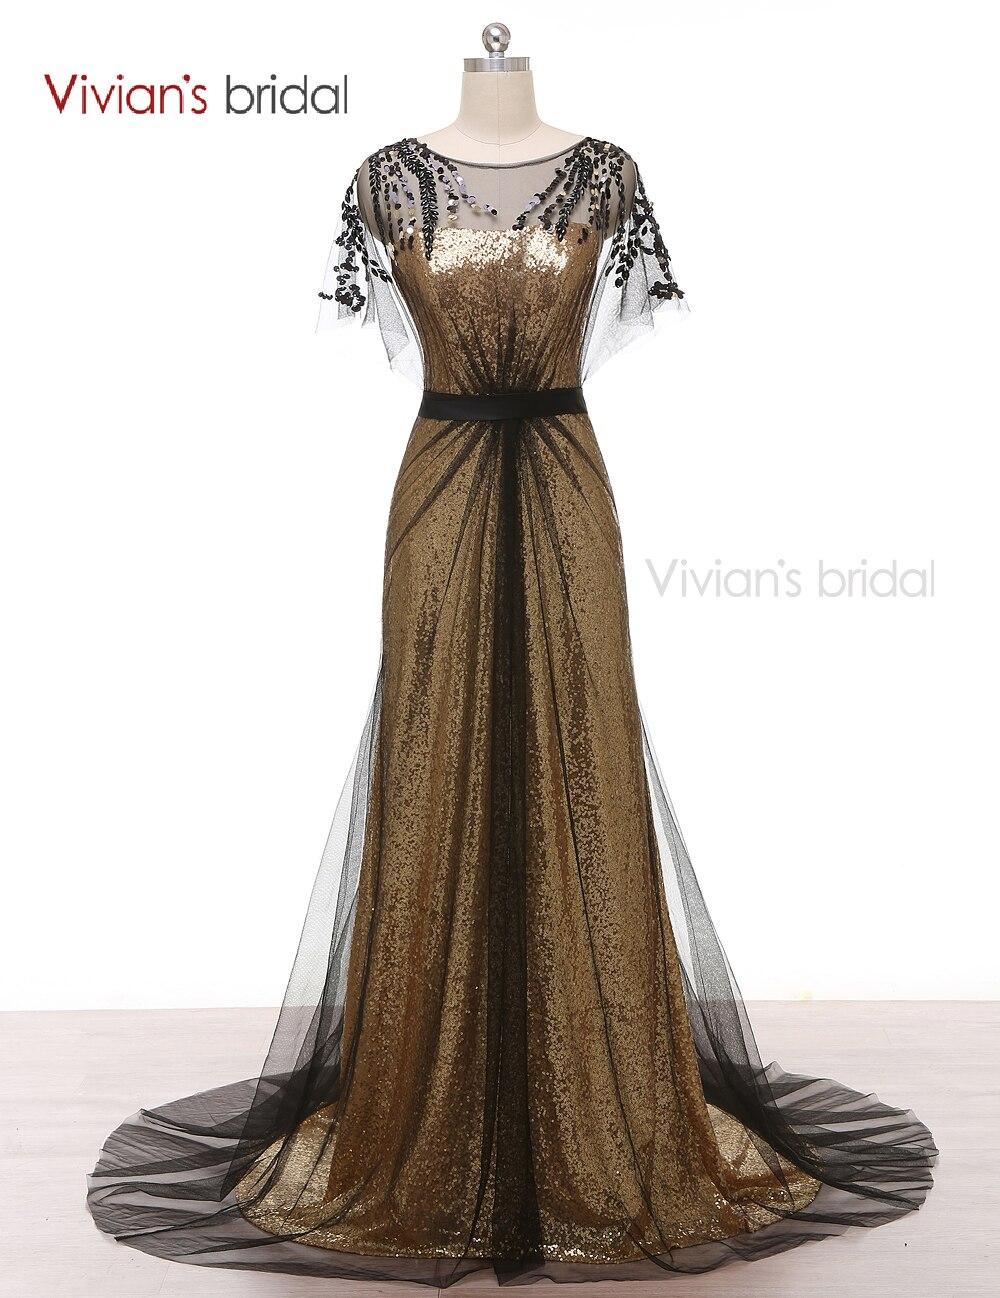 Вечернее платье Vivian's Bridal A Line Золотое кружево с пайетками и бисером Вечерние платья из черного тюля ED220